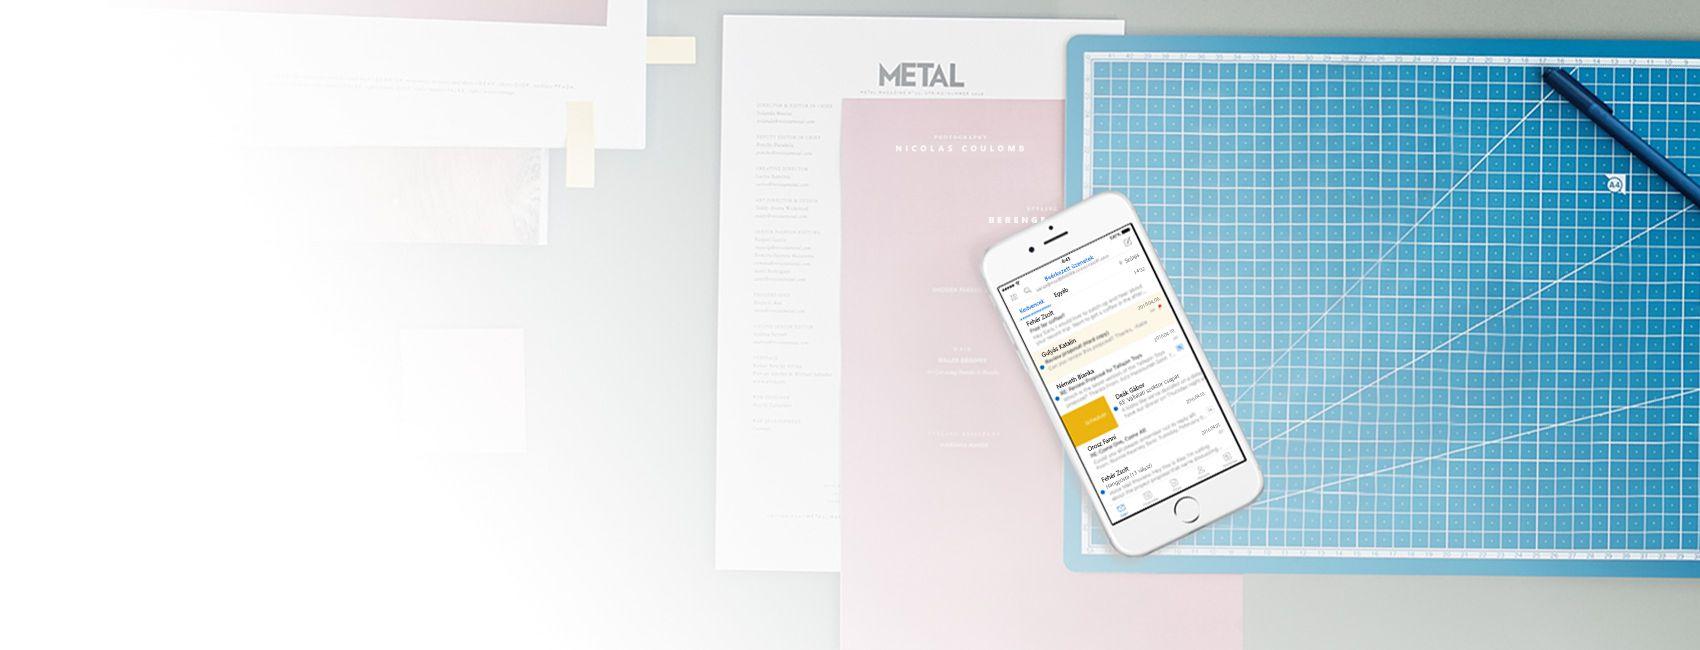 Egy telefon, amely egy Beérkező üzenetek mappát jelenít meg az Outlook appban